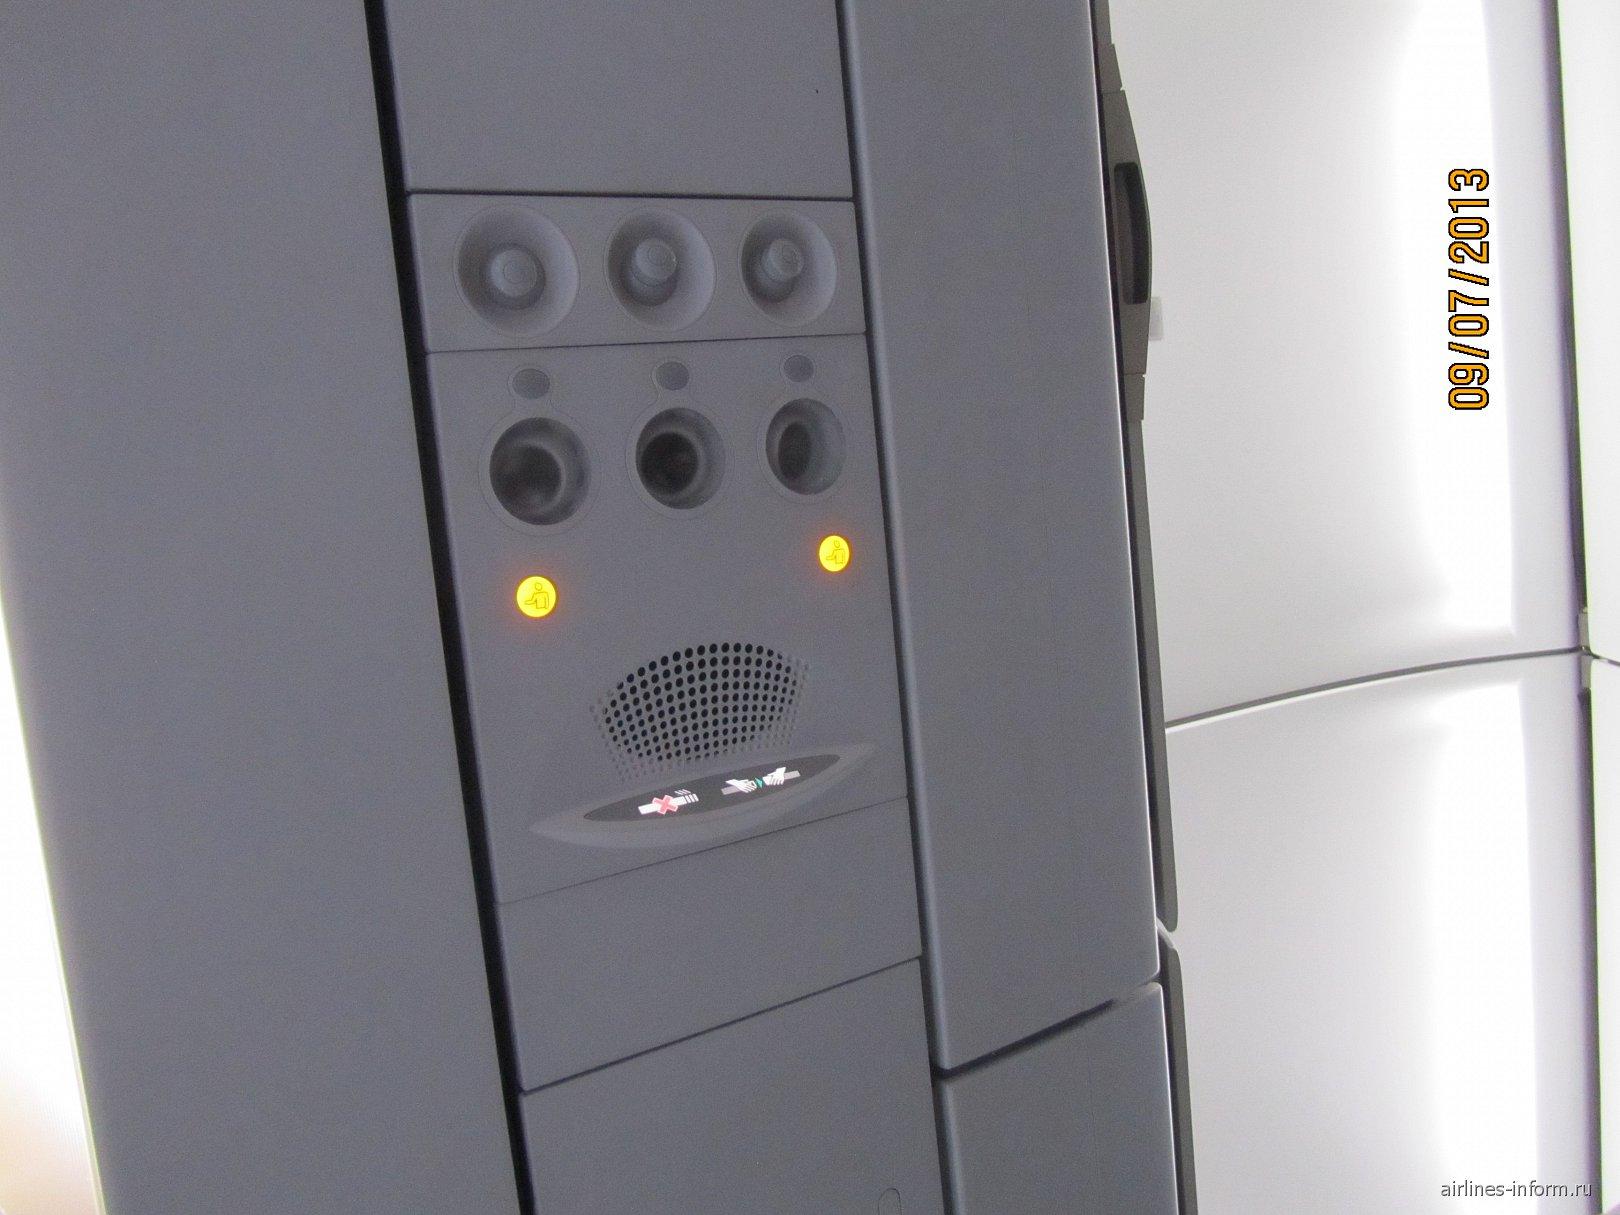 Салон самолета Aibus A320 авиакомпании S7 Airlines